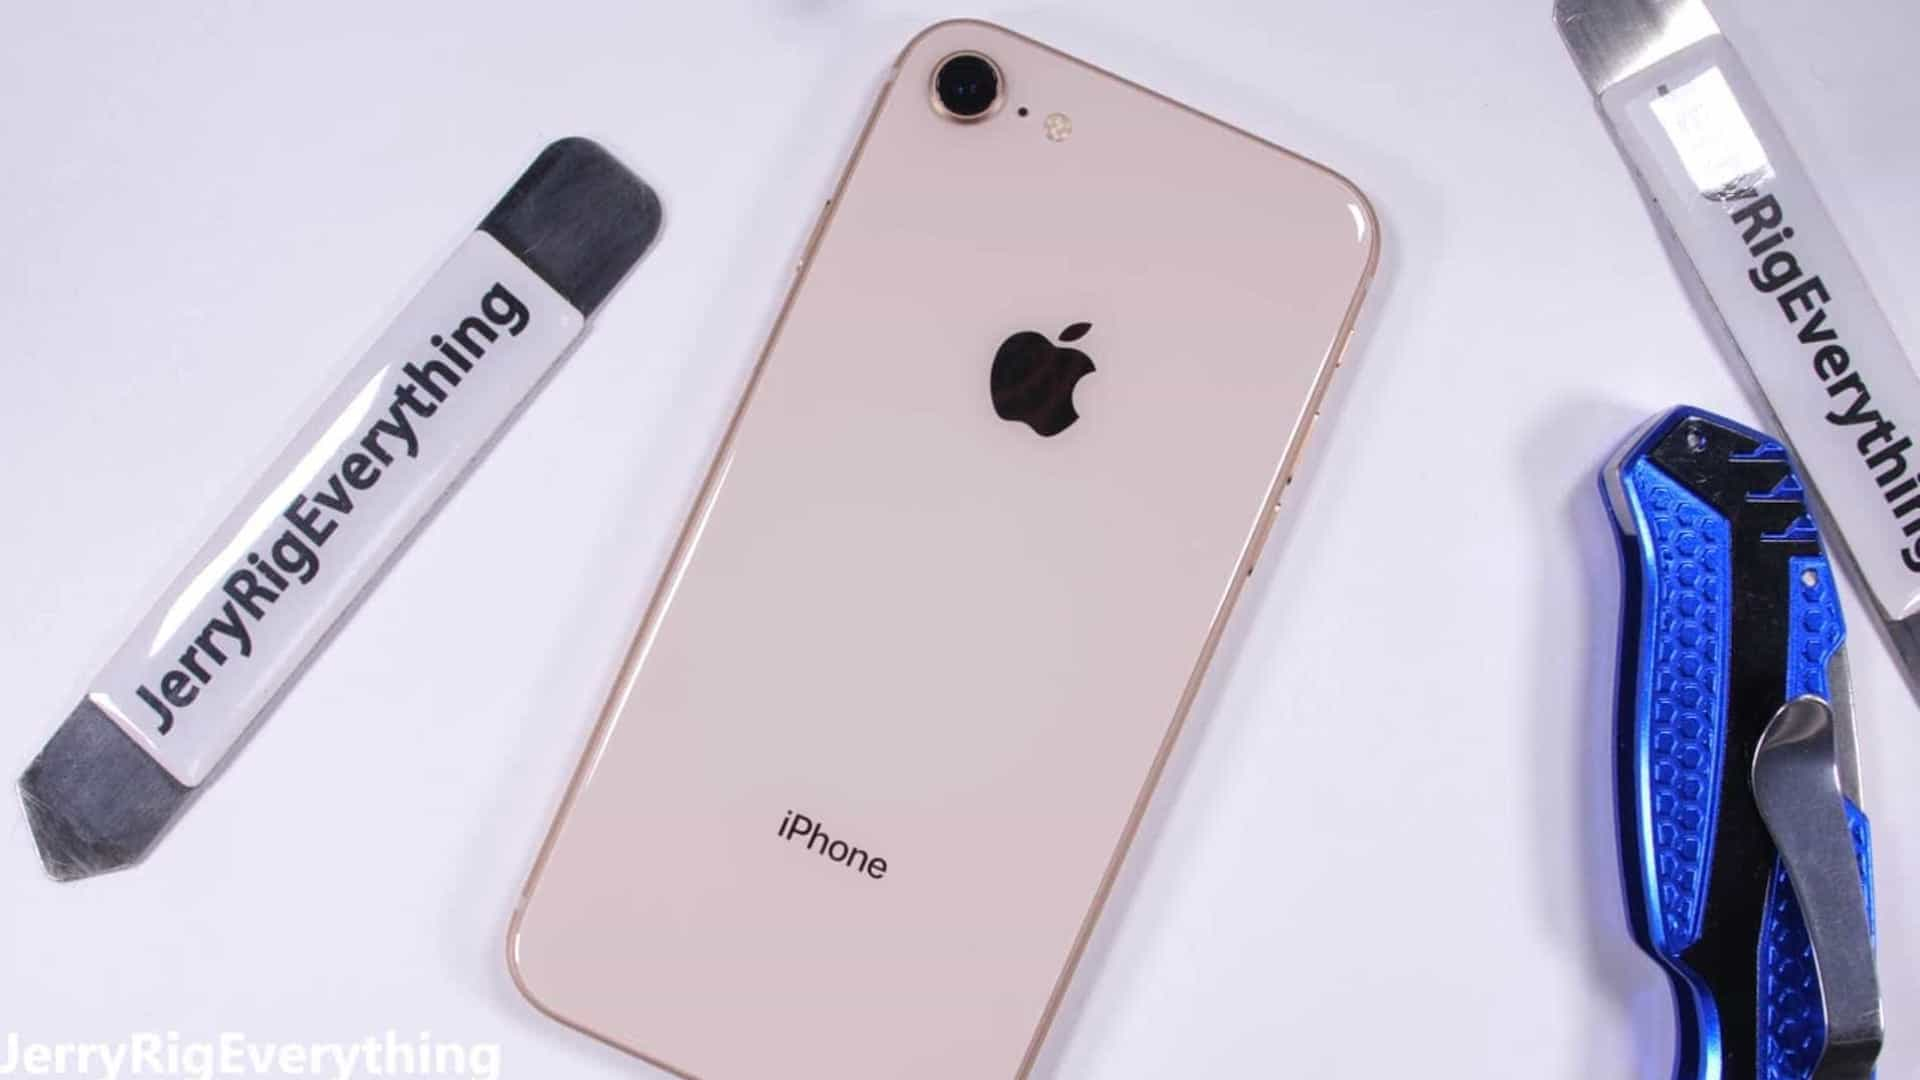 O iPhone 8 já chegou mas será que é resistente? Veja o vídeo